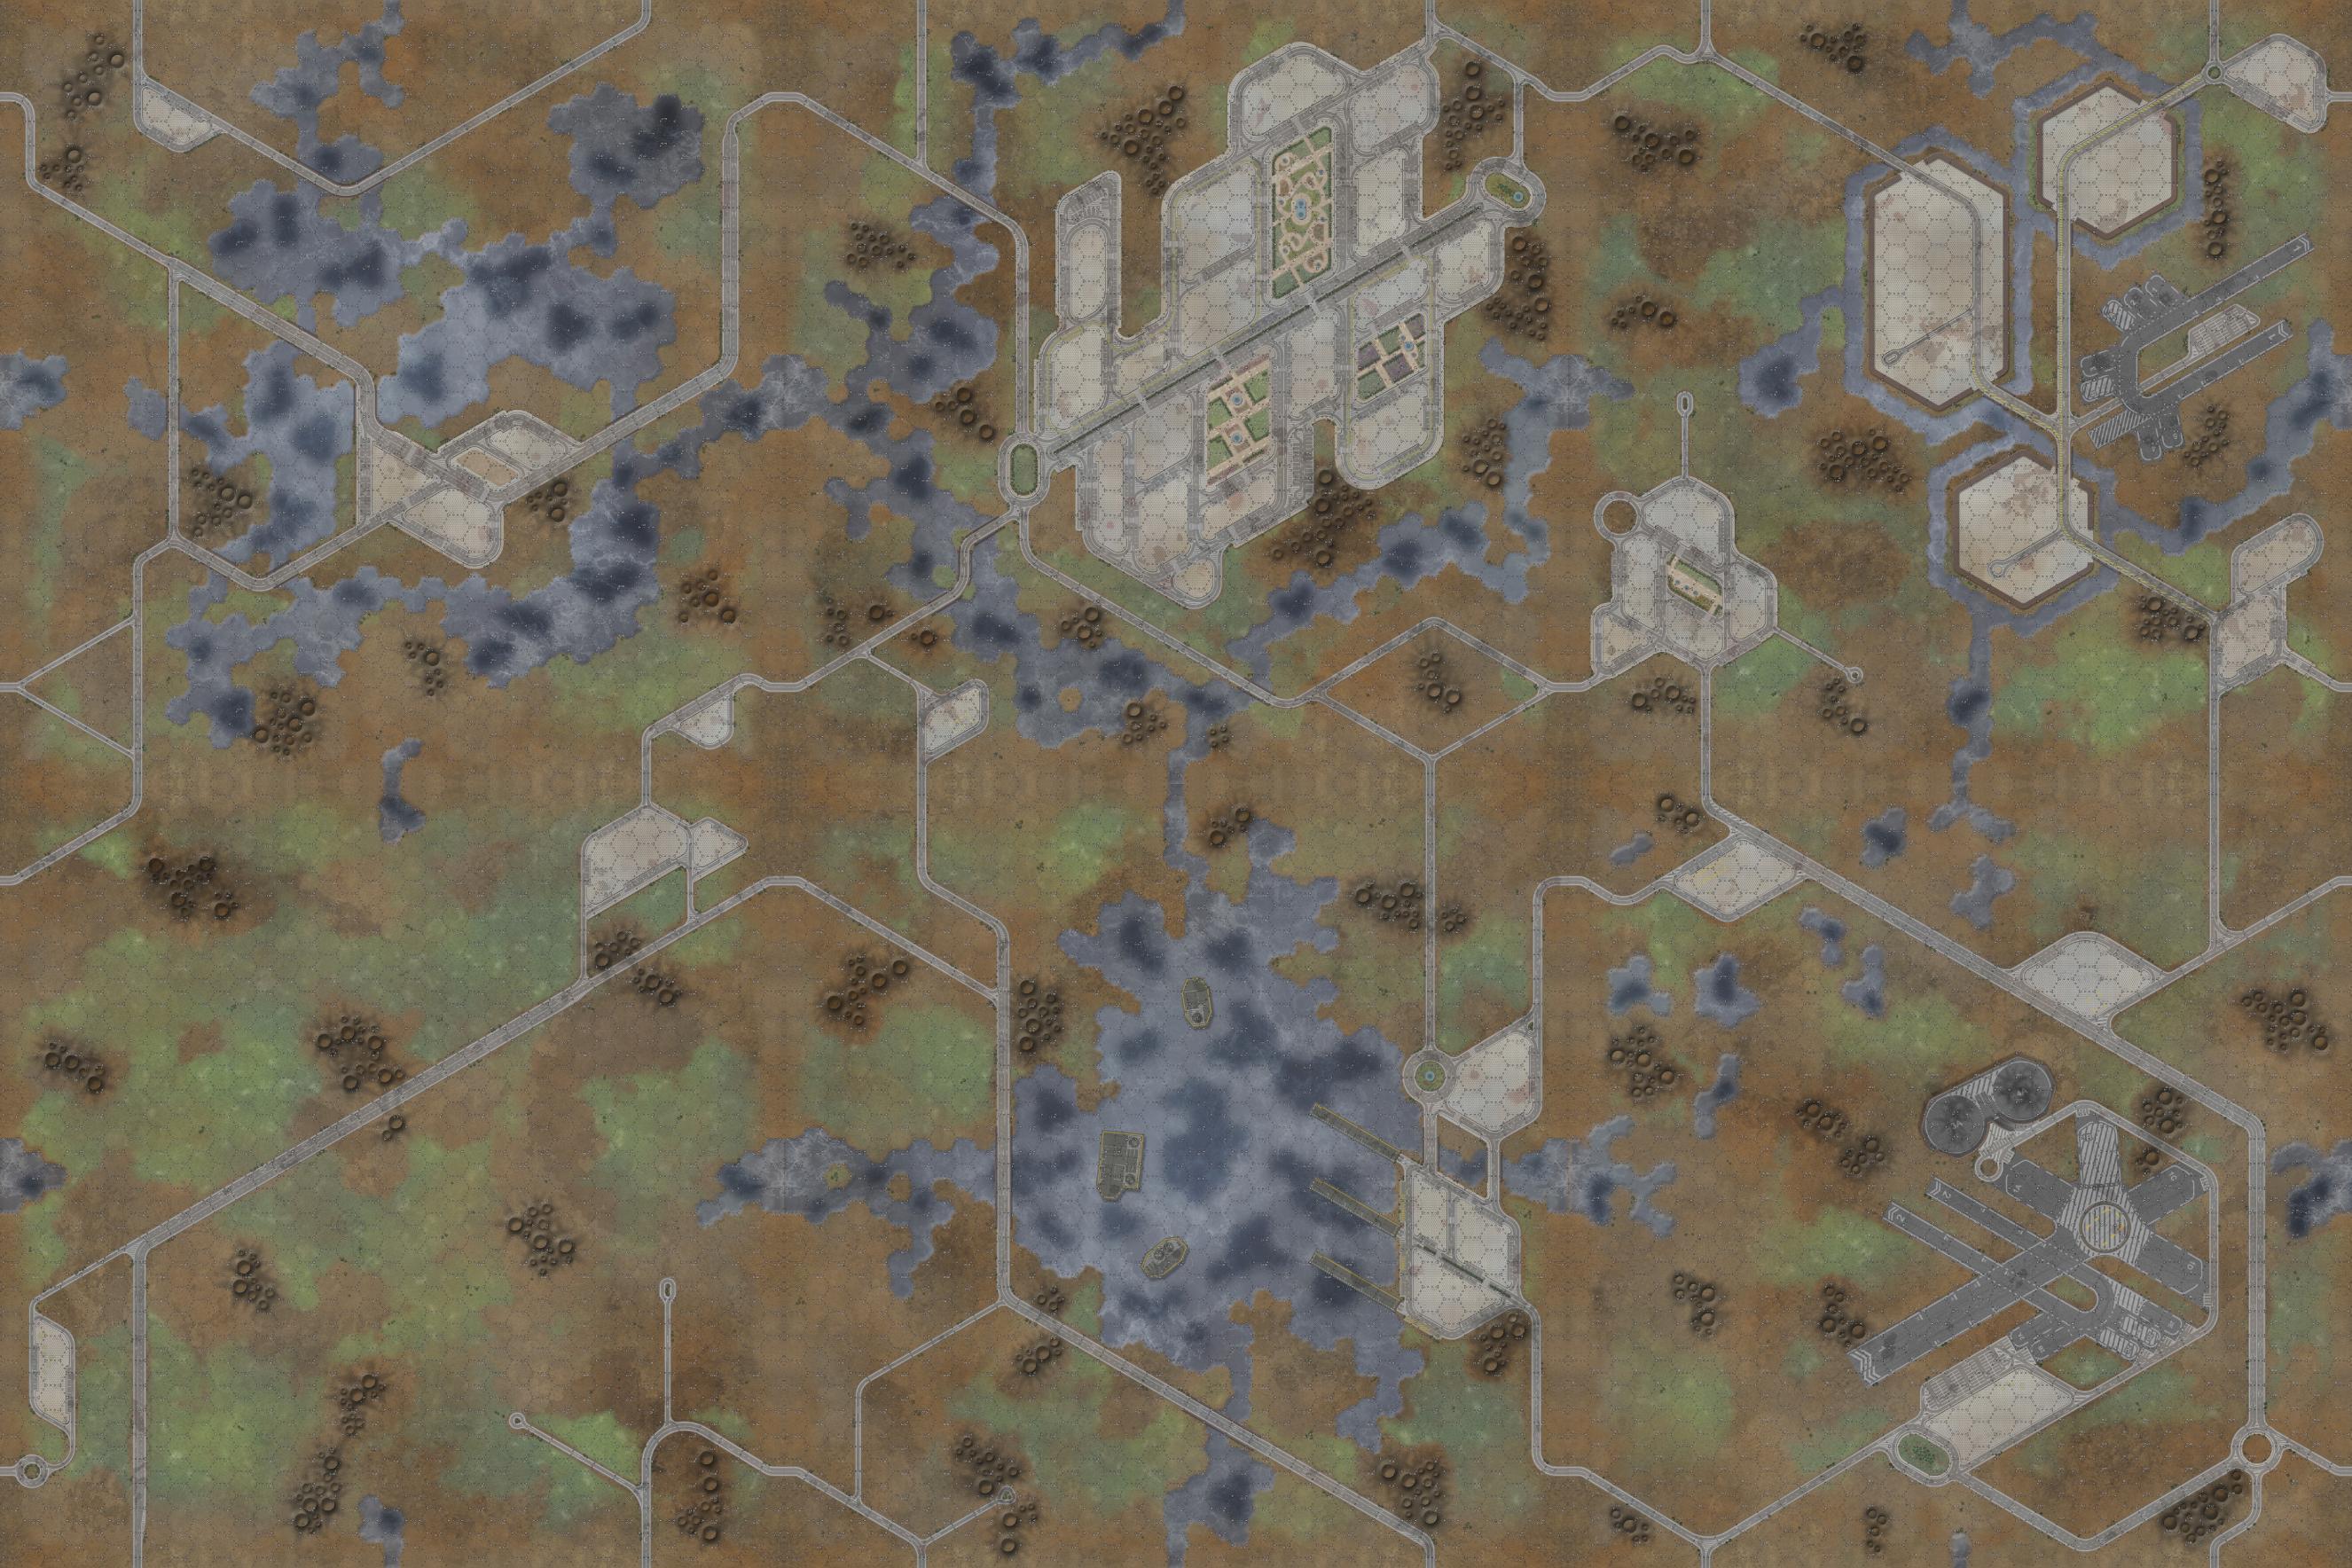 Battle Report, Battlemech, Battletech, Custom, Gaming, Hex, Hexes, Mech, Mechwarrior, Terrain, Wargaming, Warmat